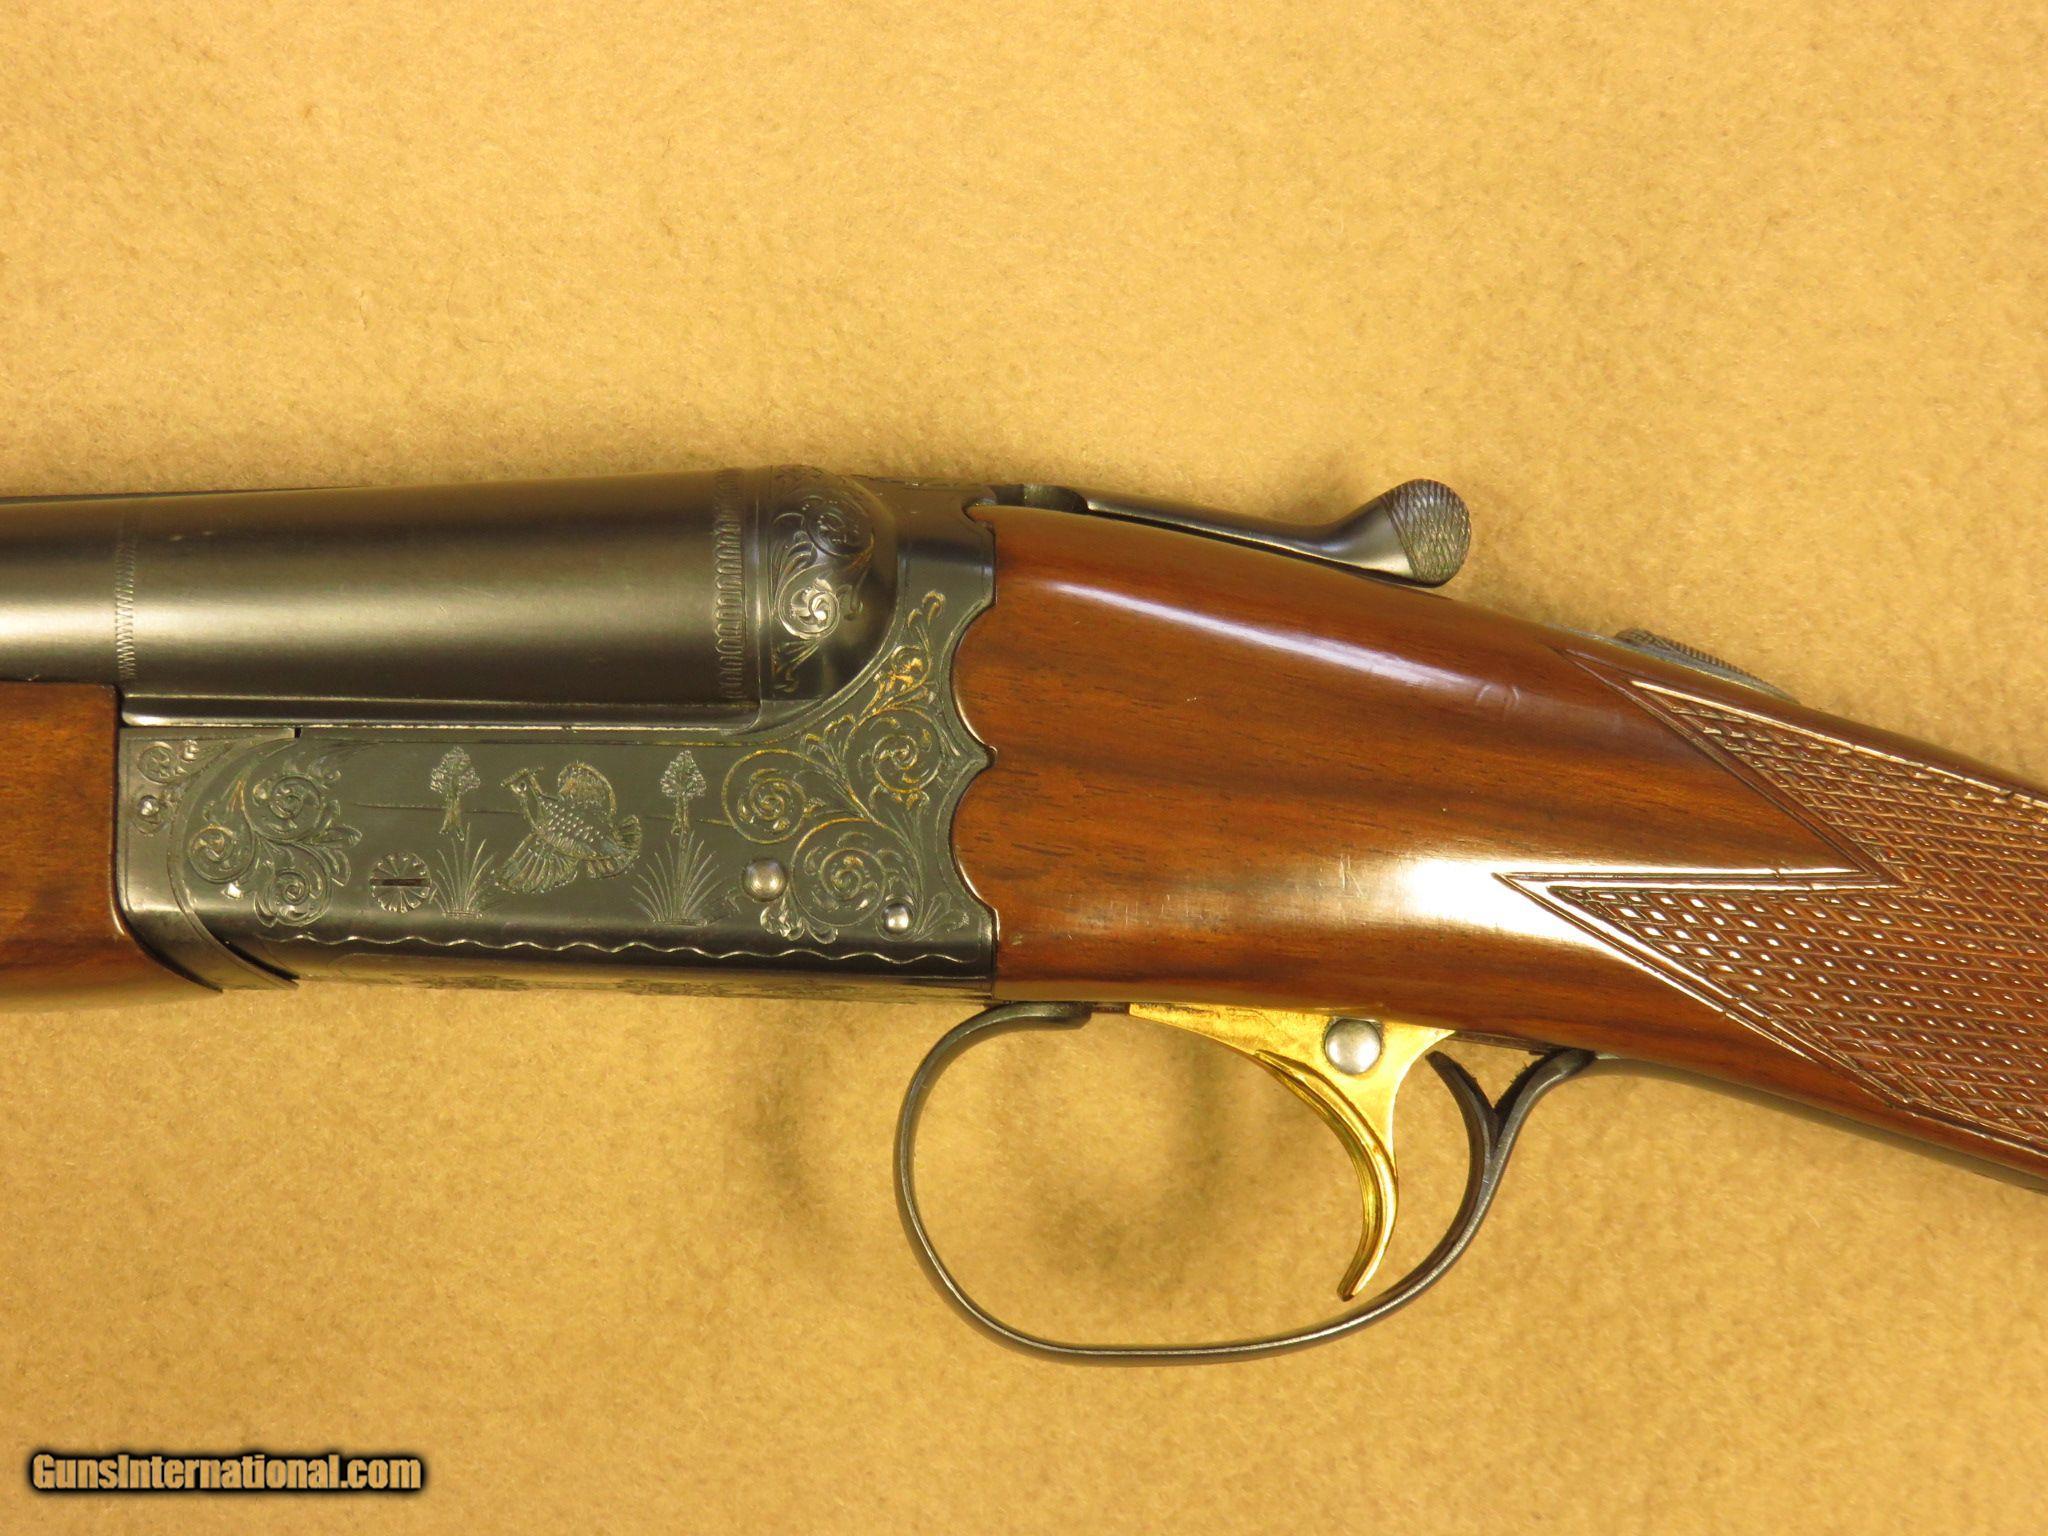 Ithaca Model 280 Double Barrel Shotgun, 20 Gauge with 3 Inch